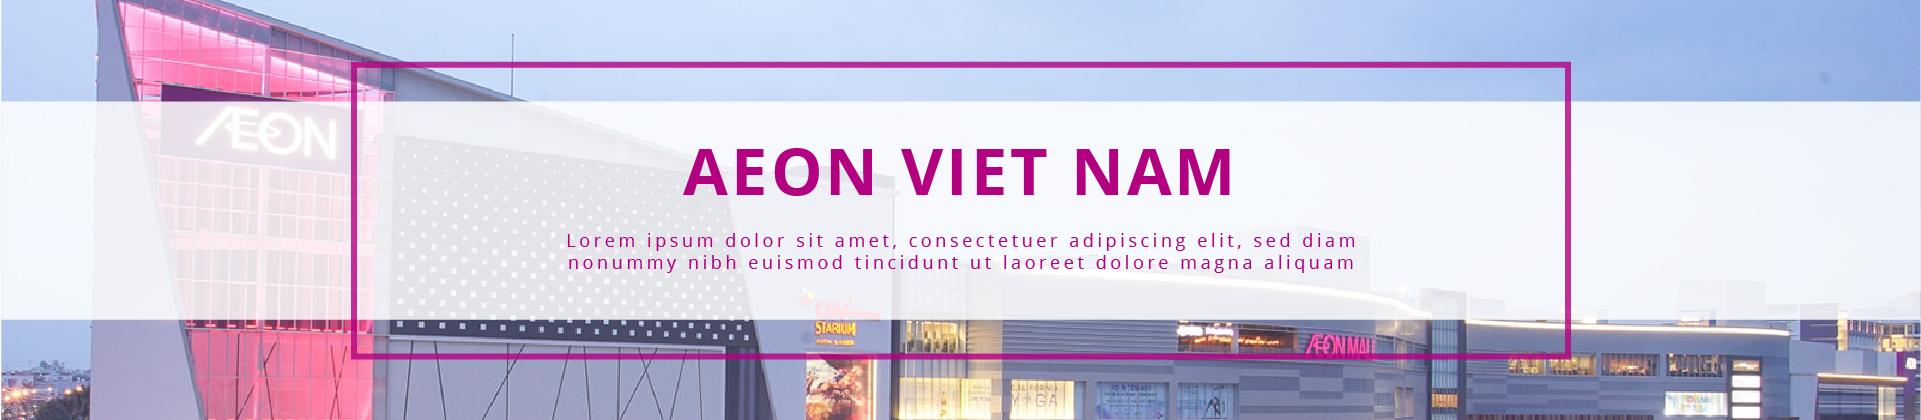 Aeon Viet Nam